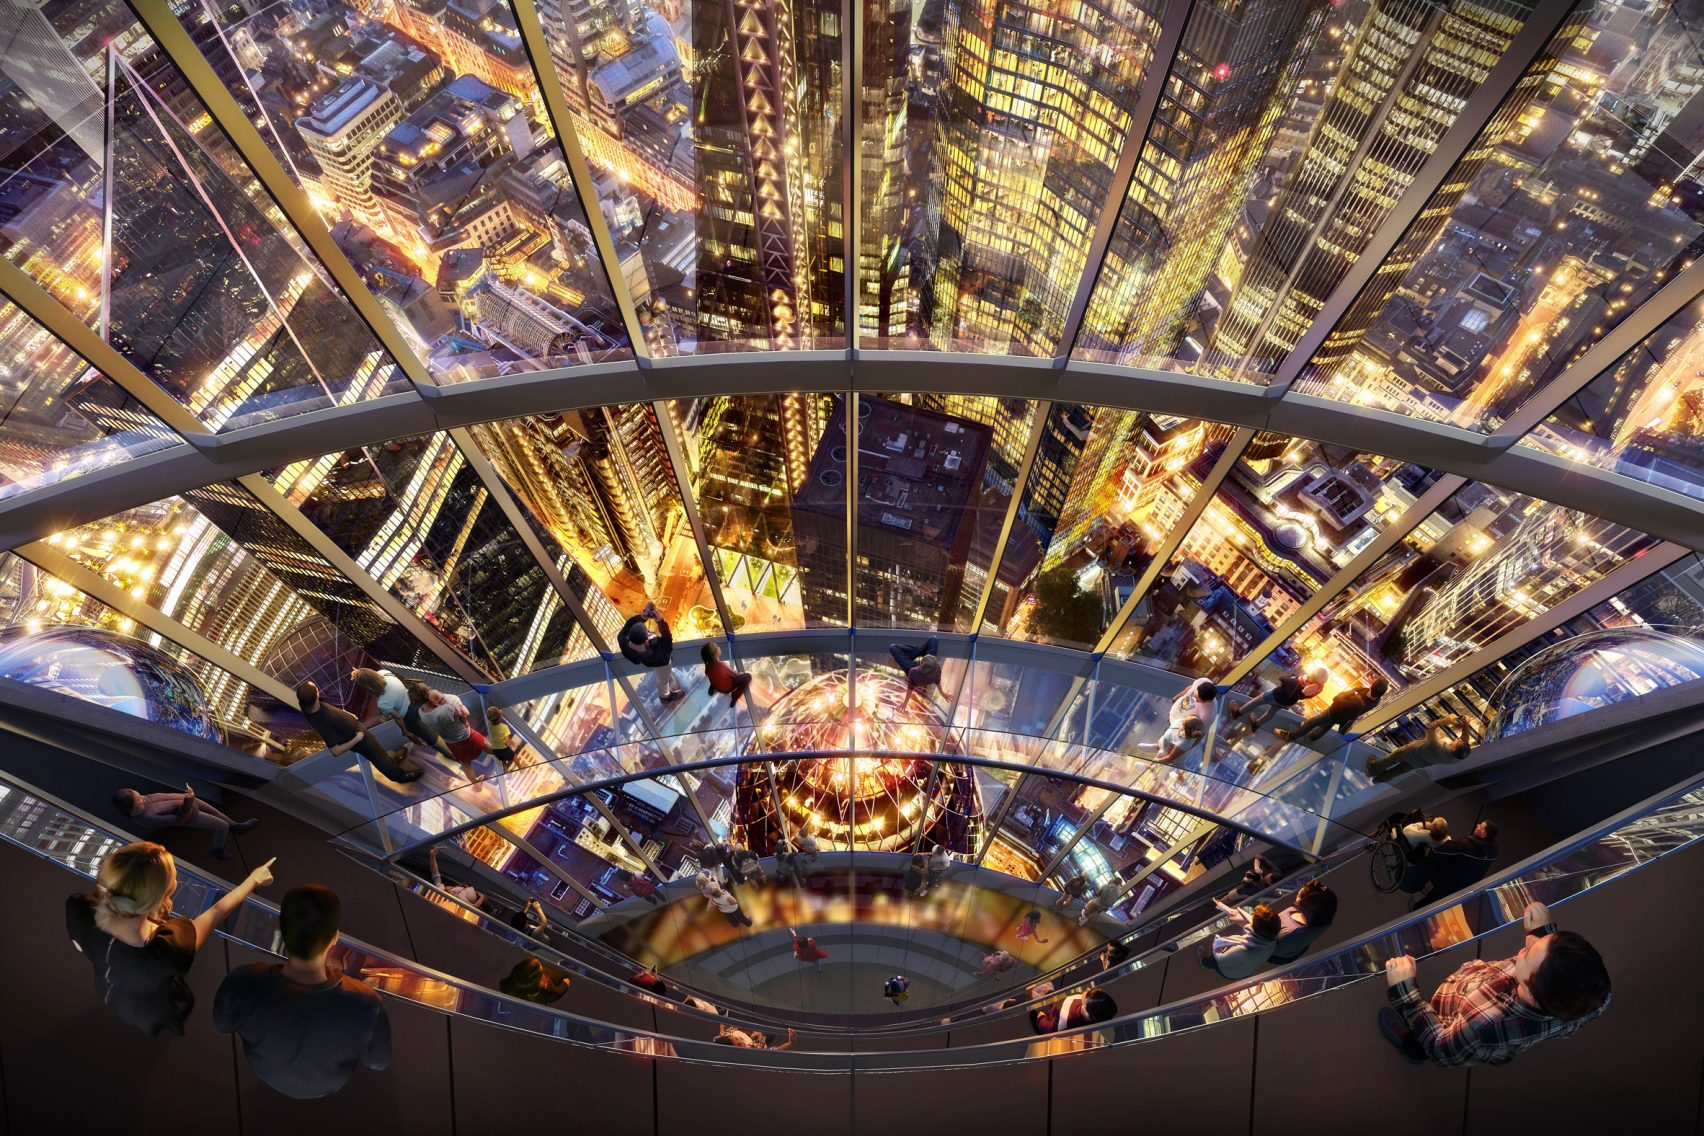 O interior do moderno arranha-céus